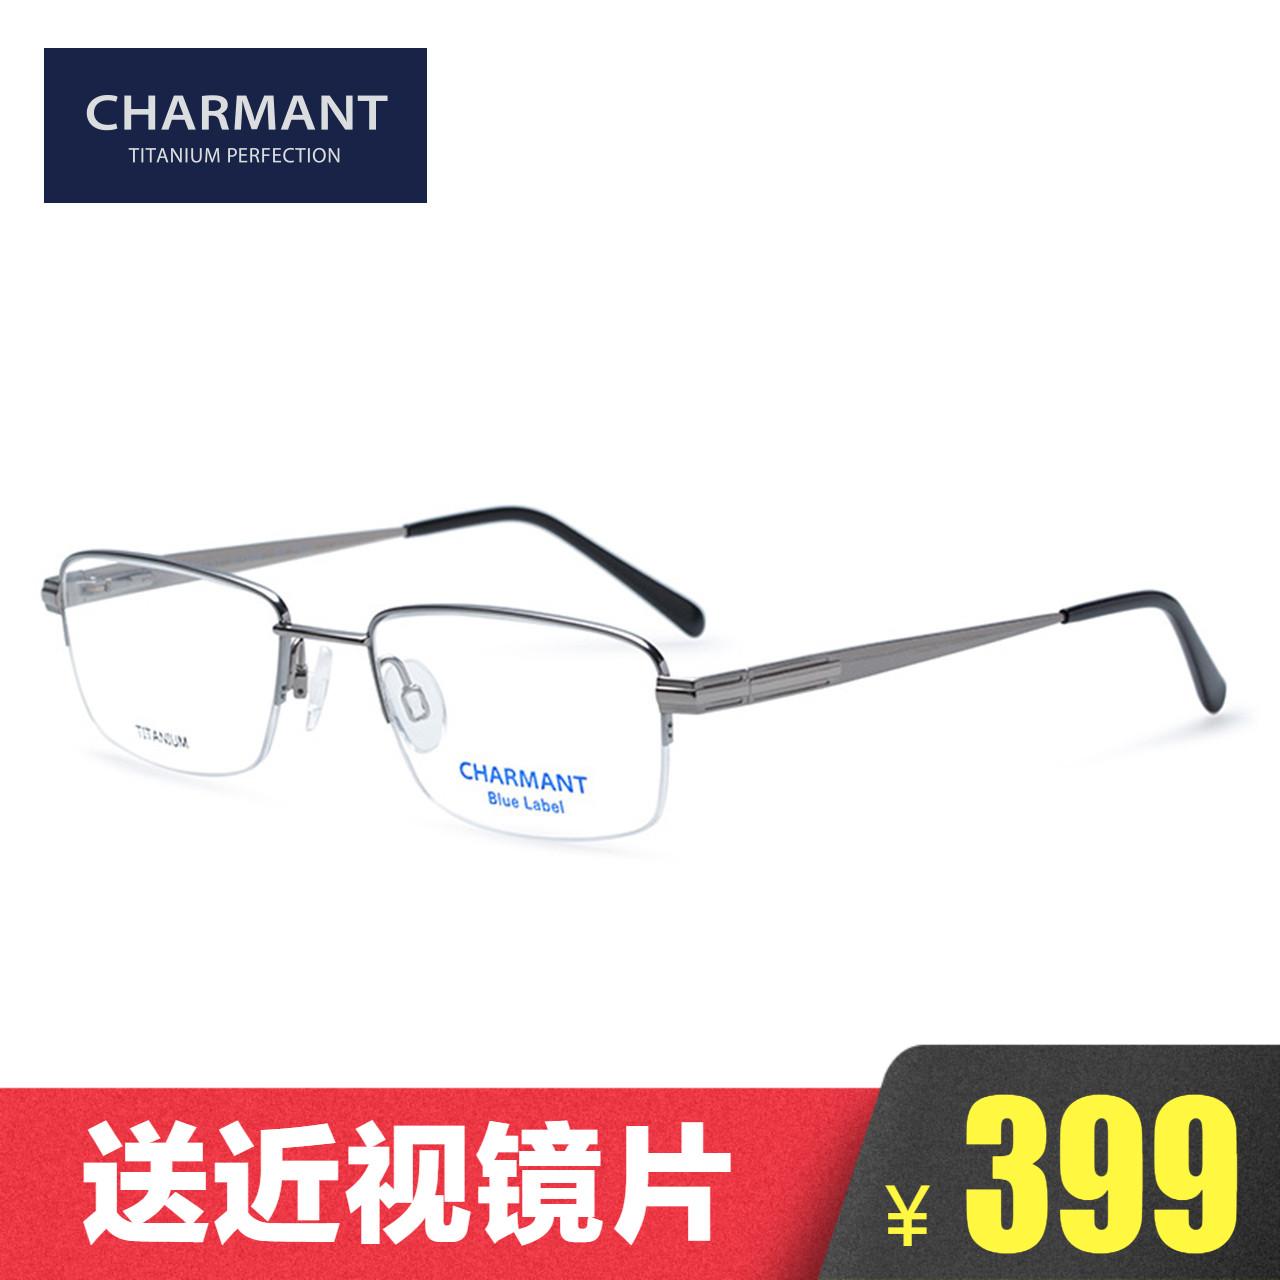 CH眼镜框